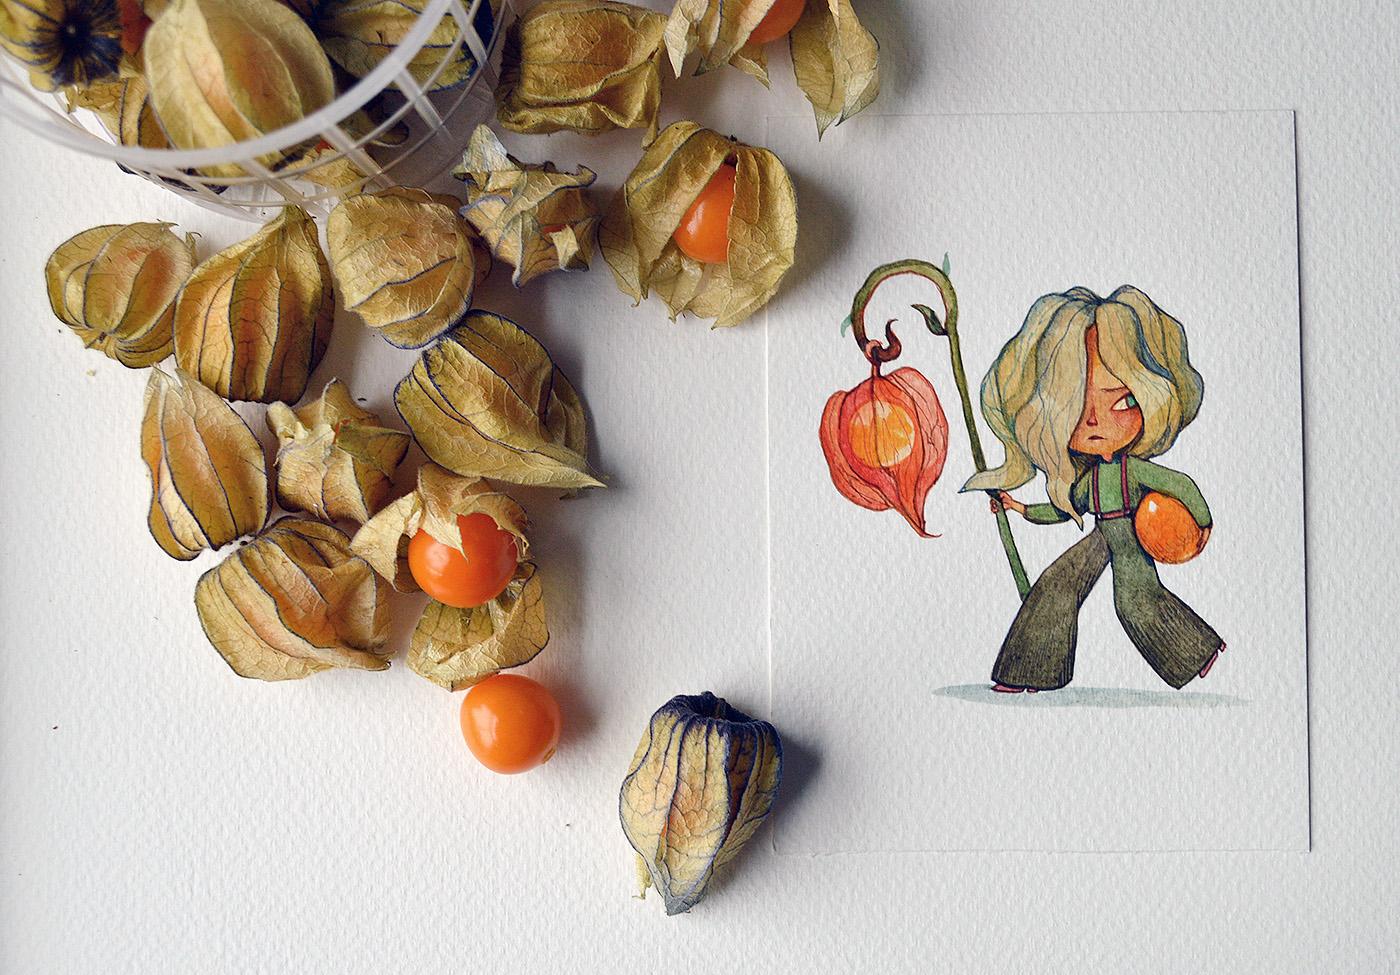 иллюстрации с овощами